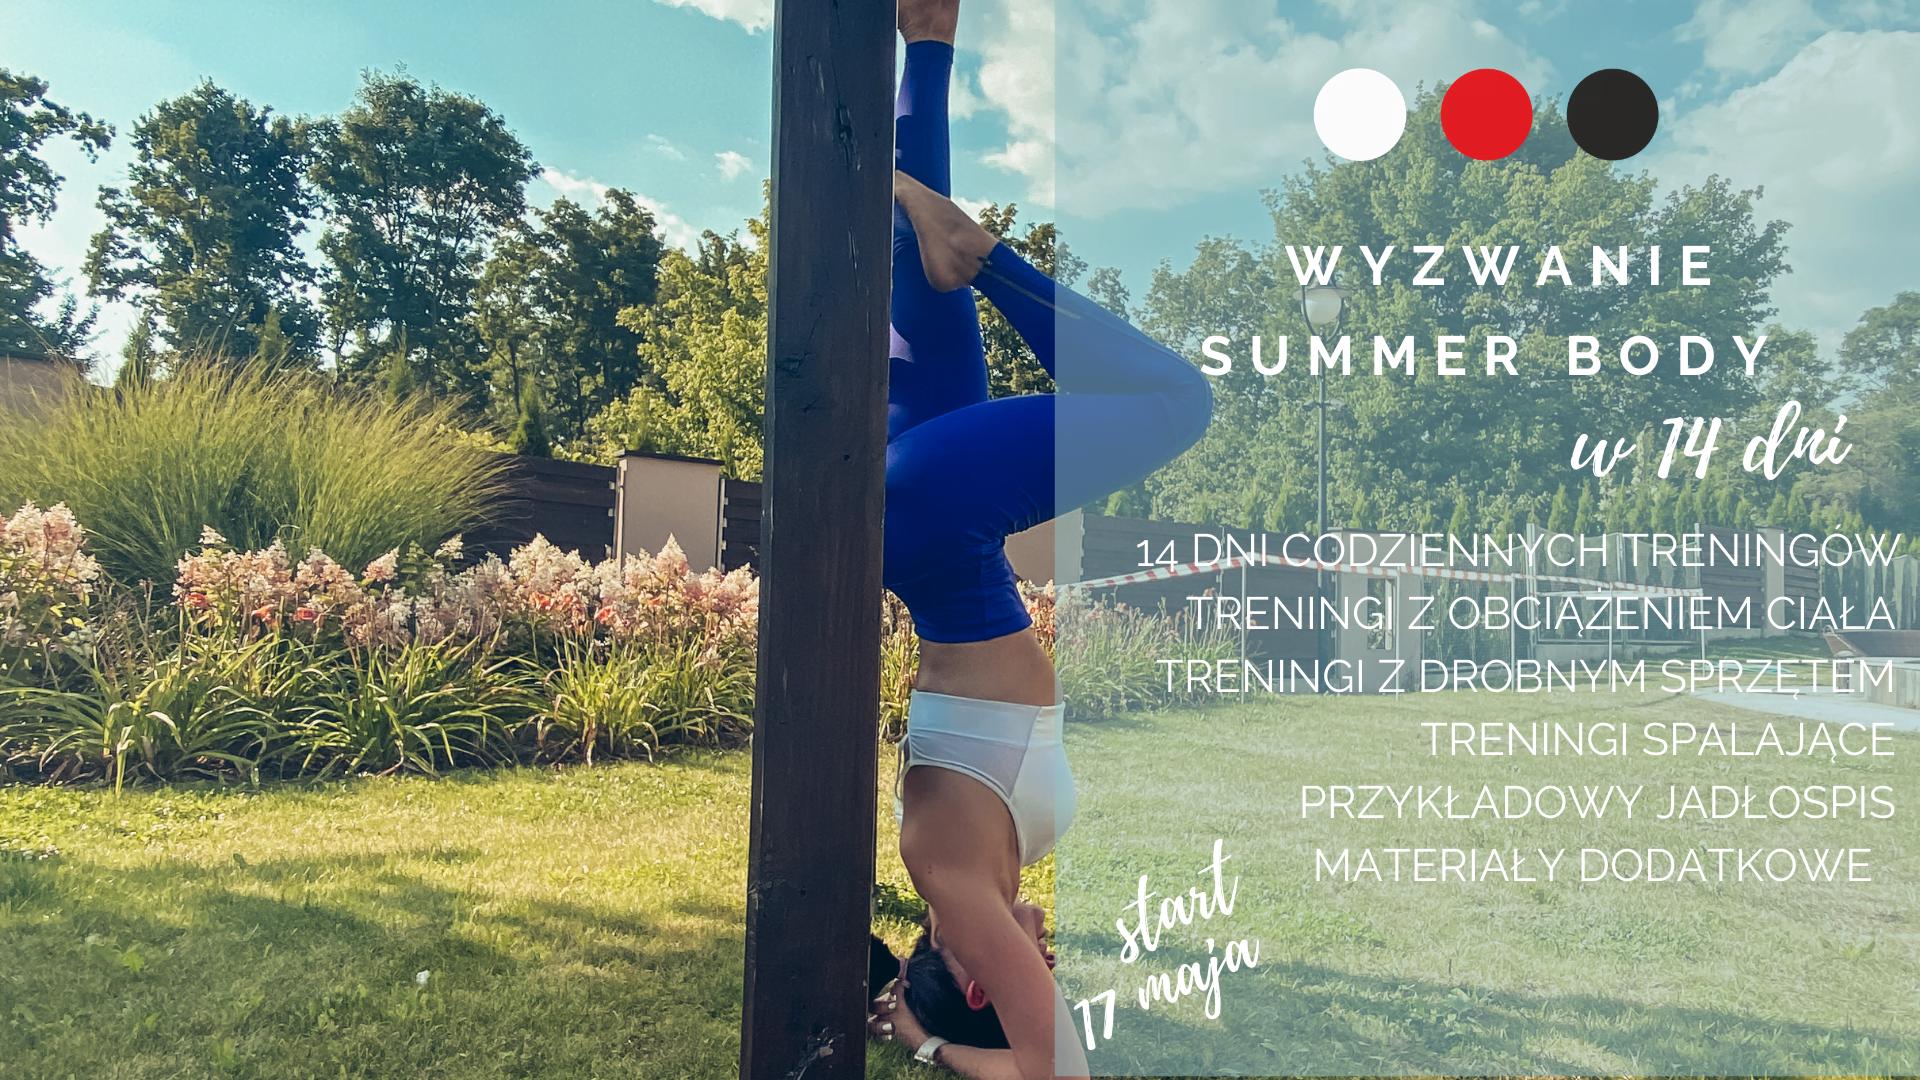 Wyzwanie summer body